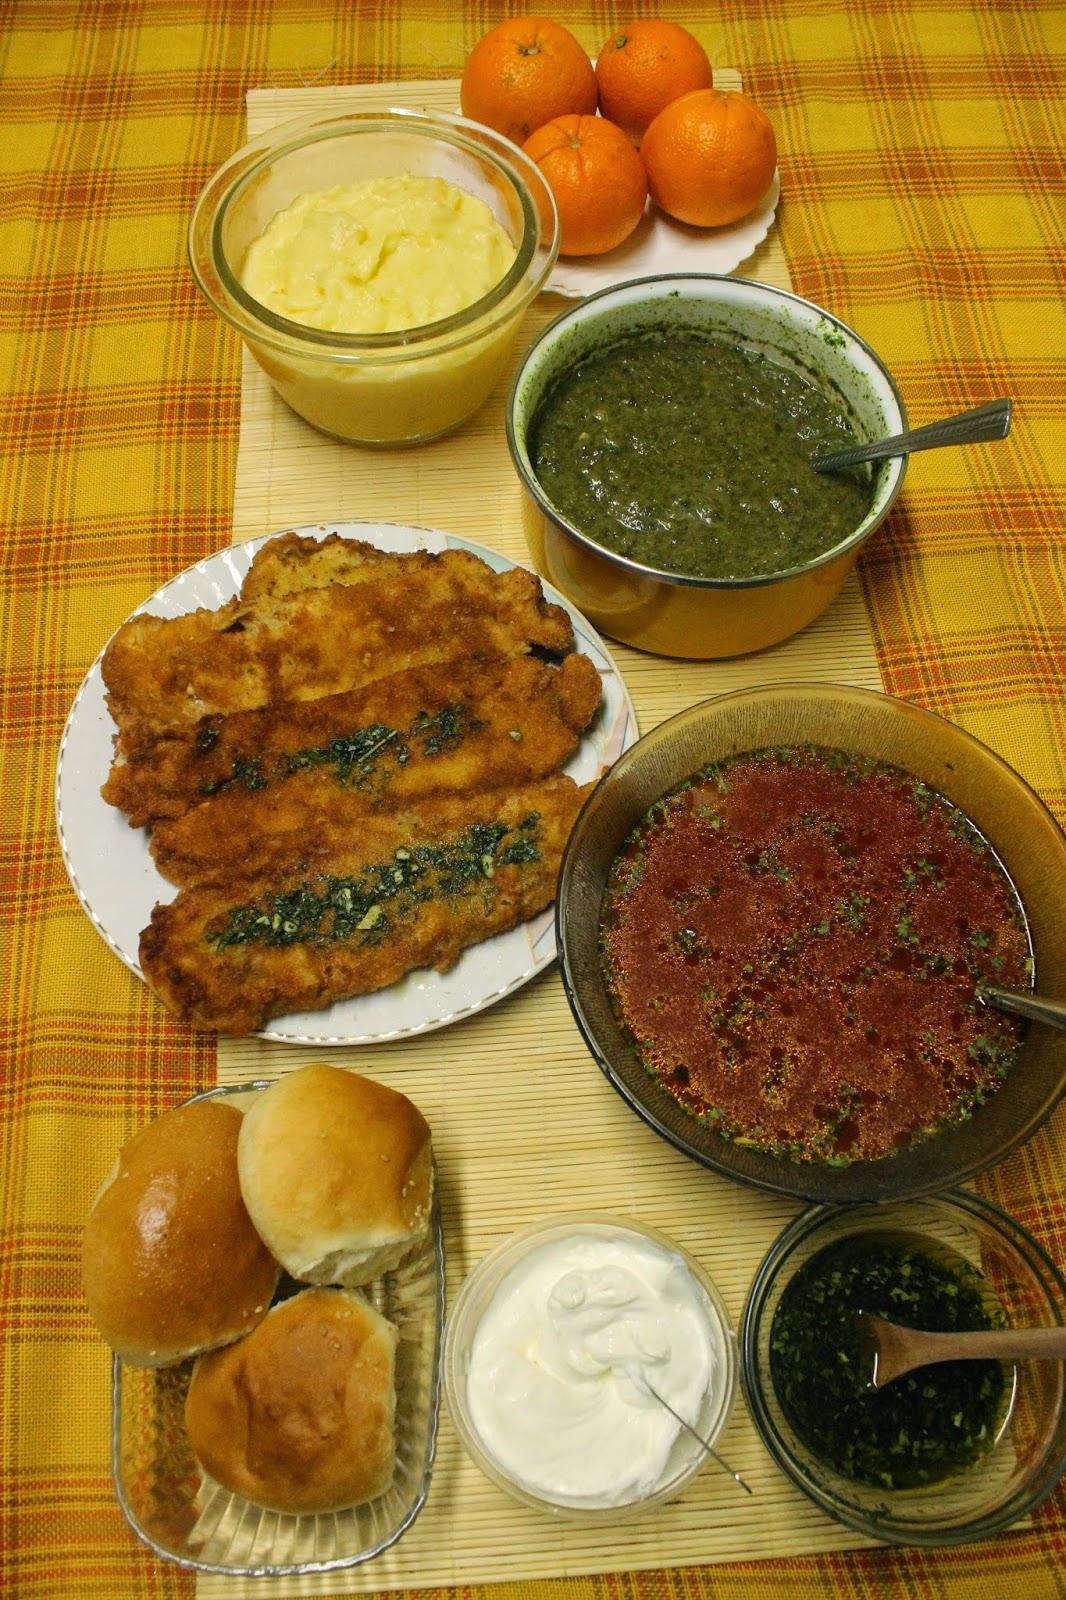 Ideja za rućak-ćorba,spanać,pohovani oslić,pire